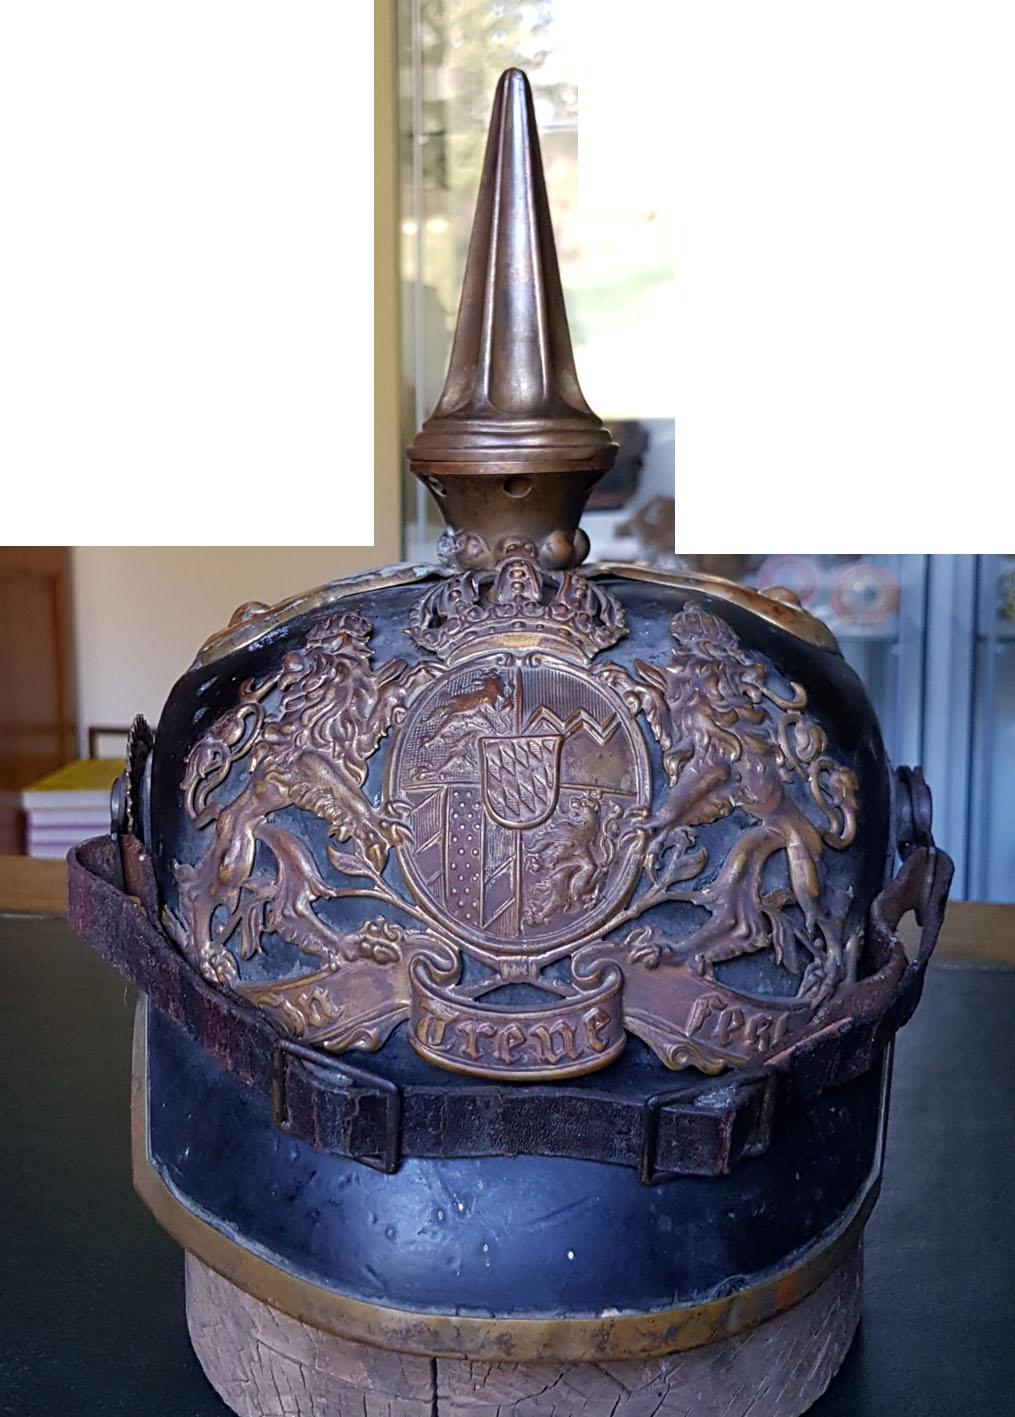 casque a pointe troupe bavaroise 1er régiment artillerie Bav_us10